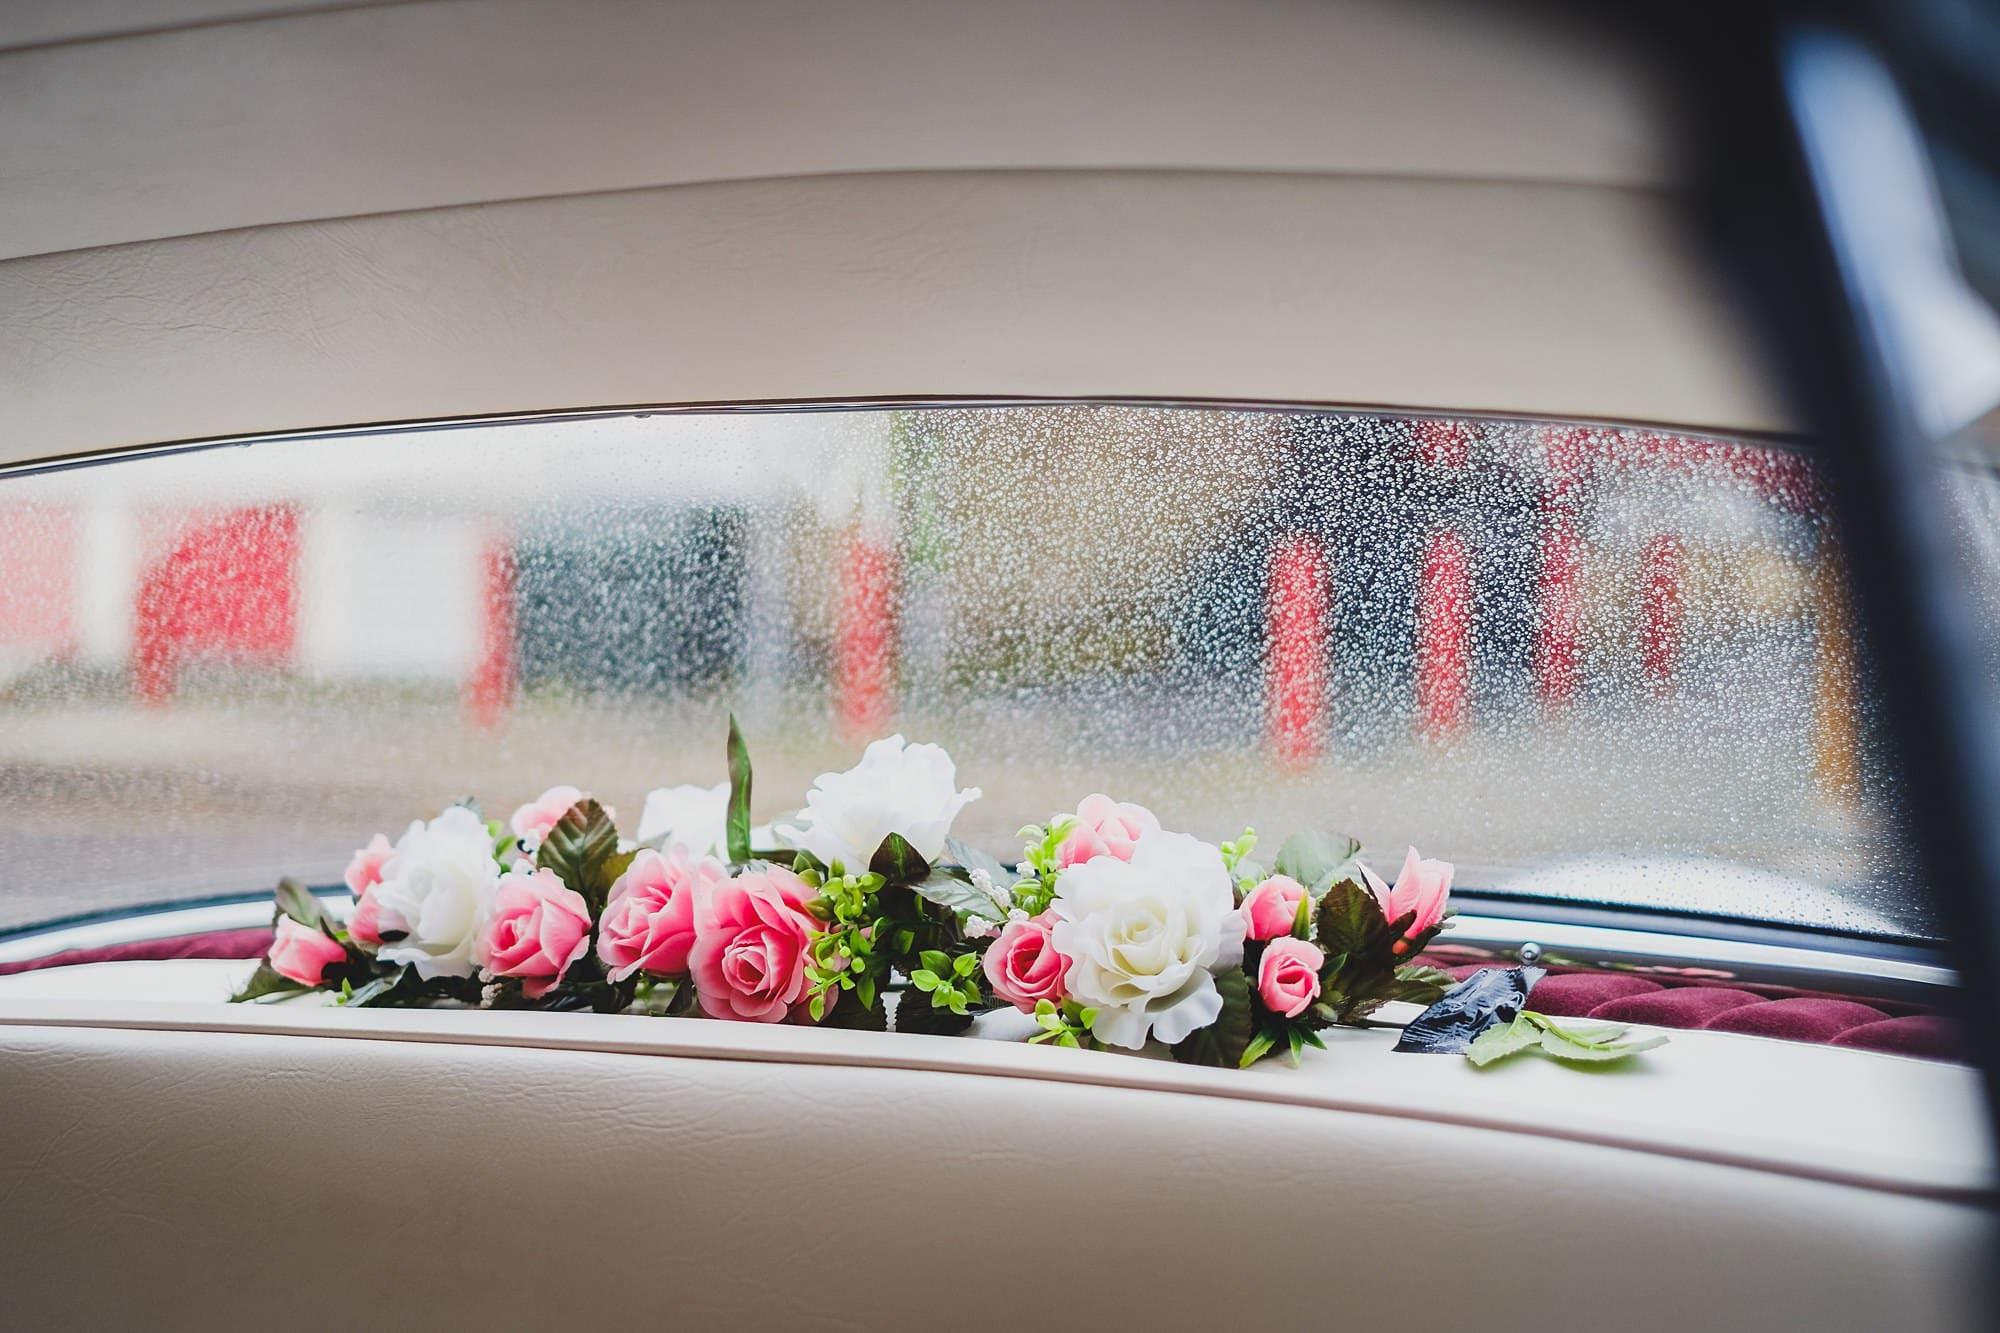 fulham palace wedding photographer ok 018 - Olivia + Kyle